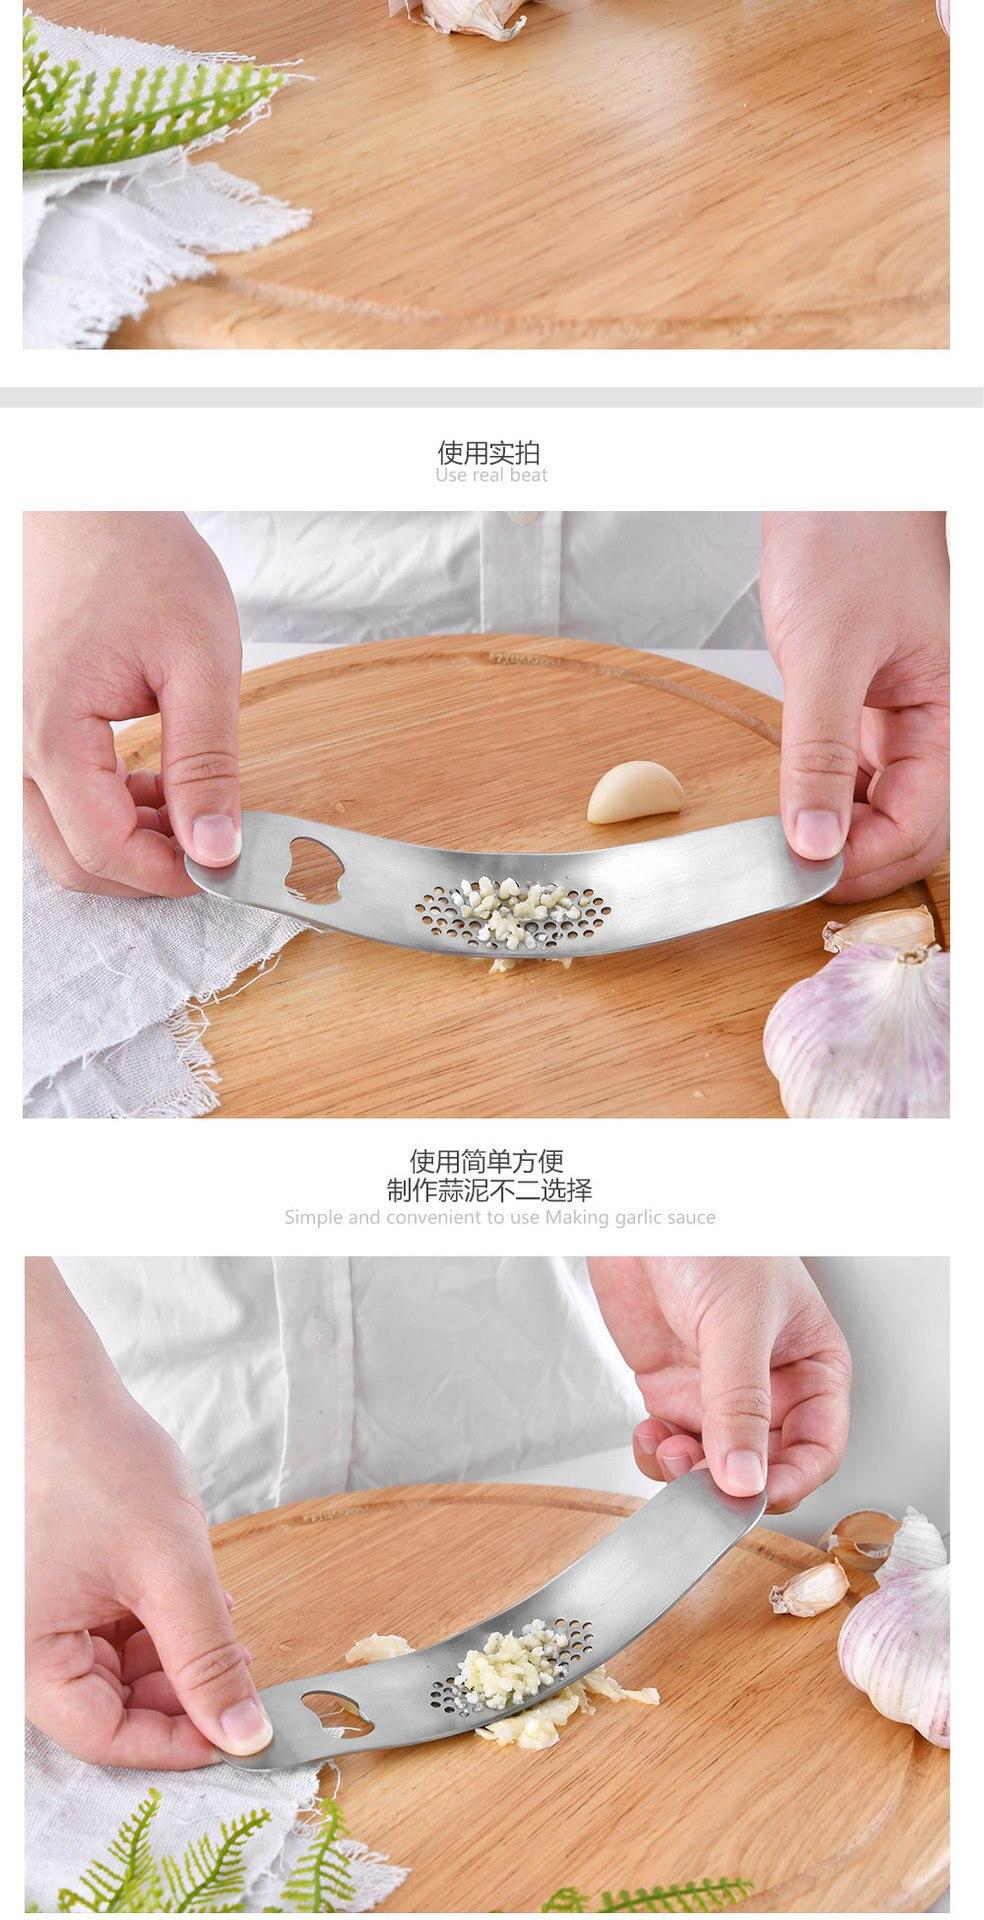 Кухонные гаджеты Толстая дуга Многофункциональный ручной пресс для чеснока пресс в мешке чеснодавка открывалка для бутылок